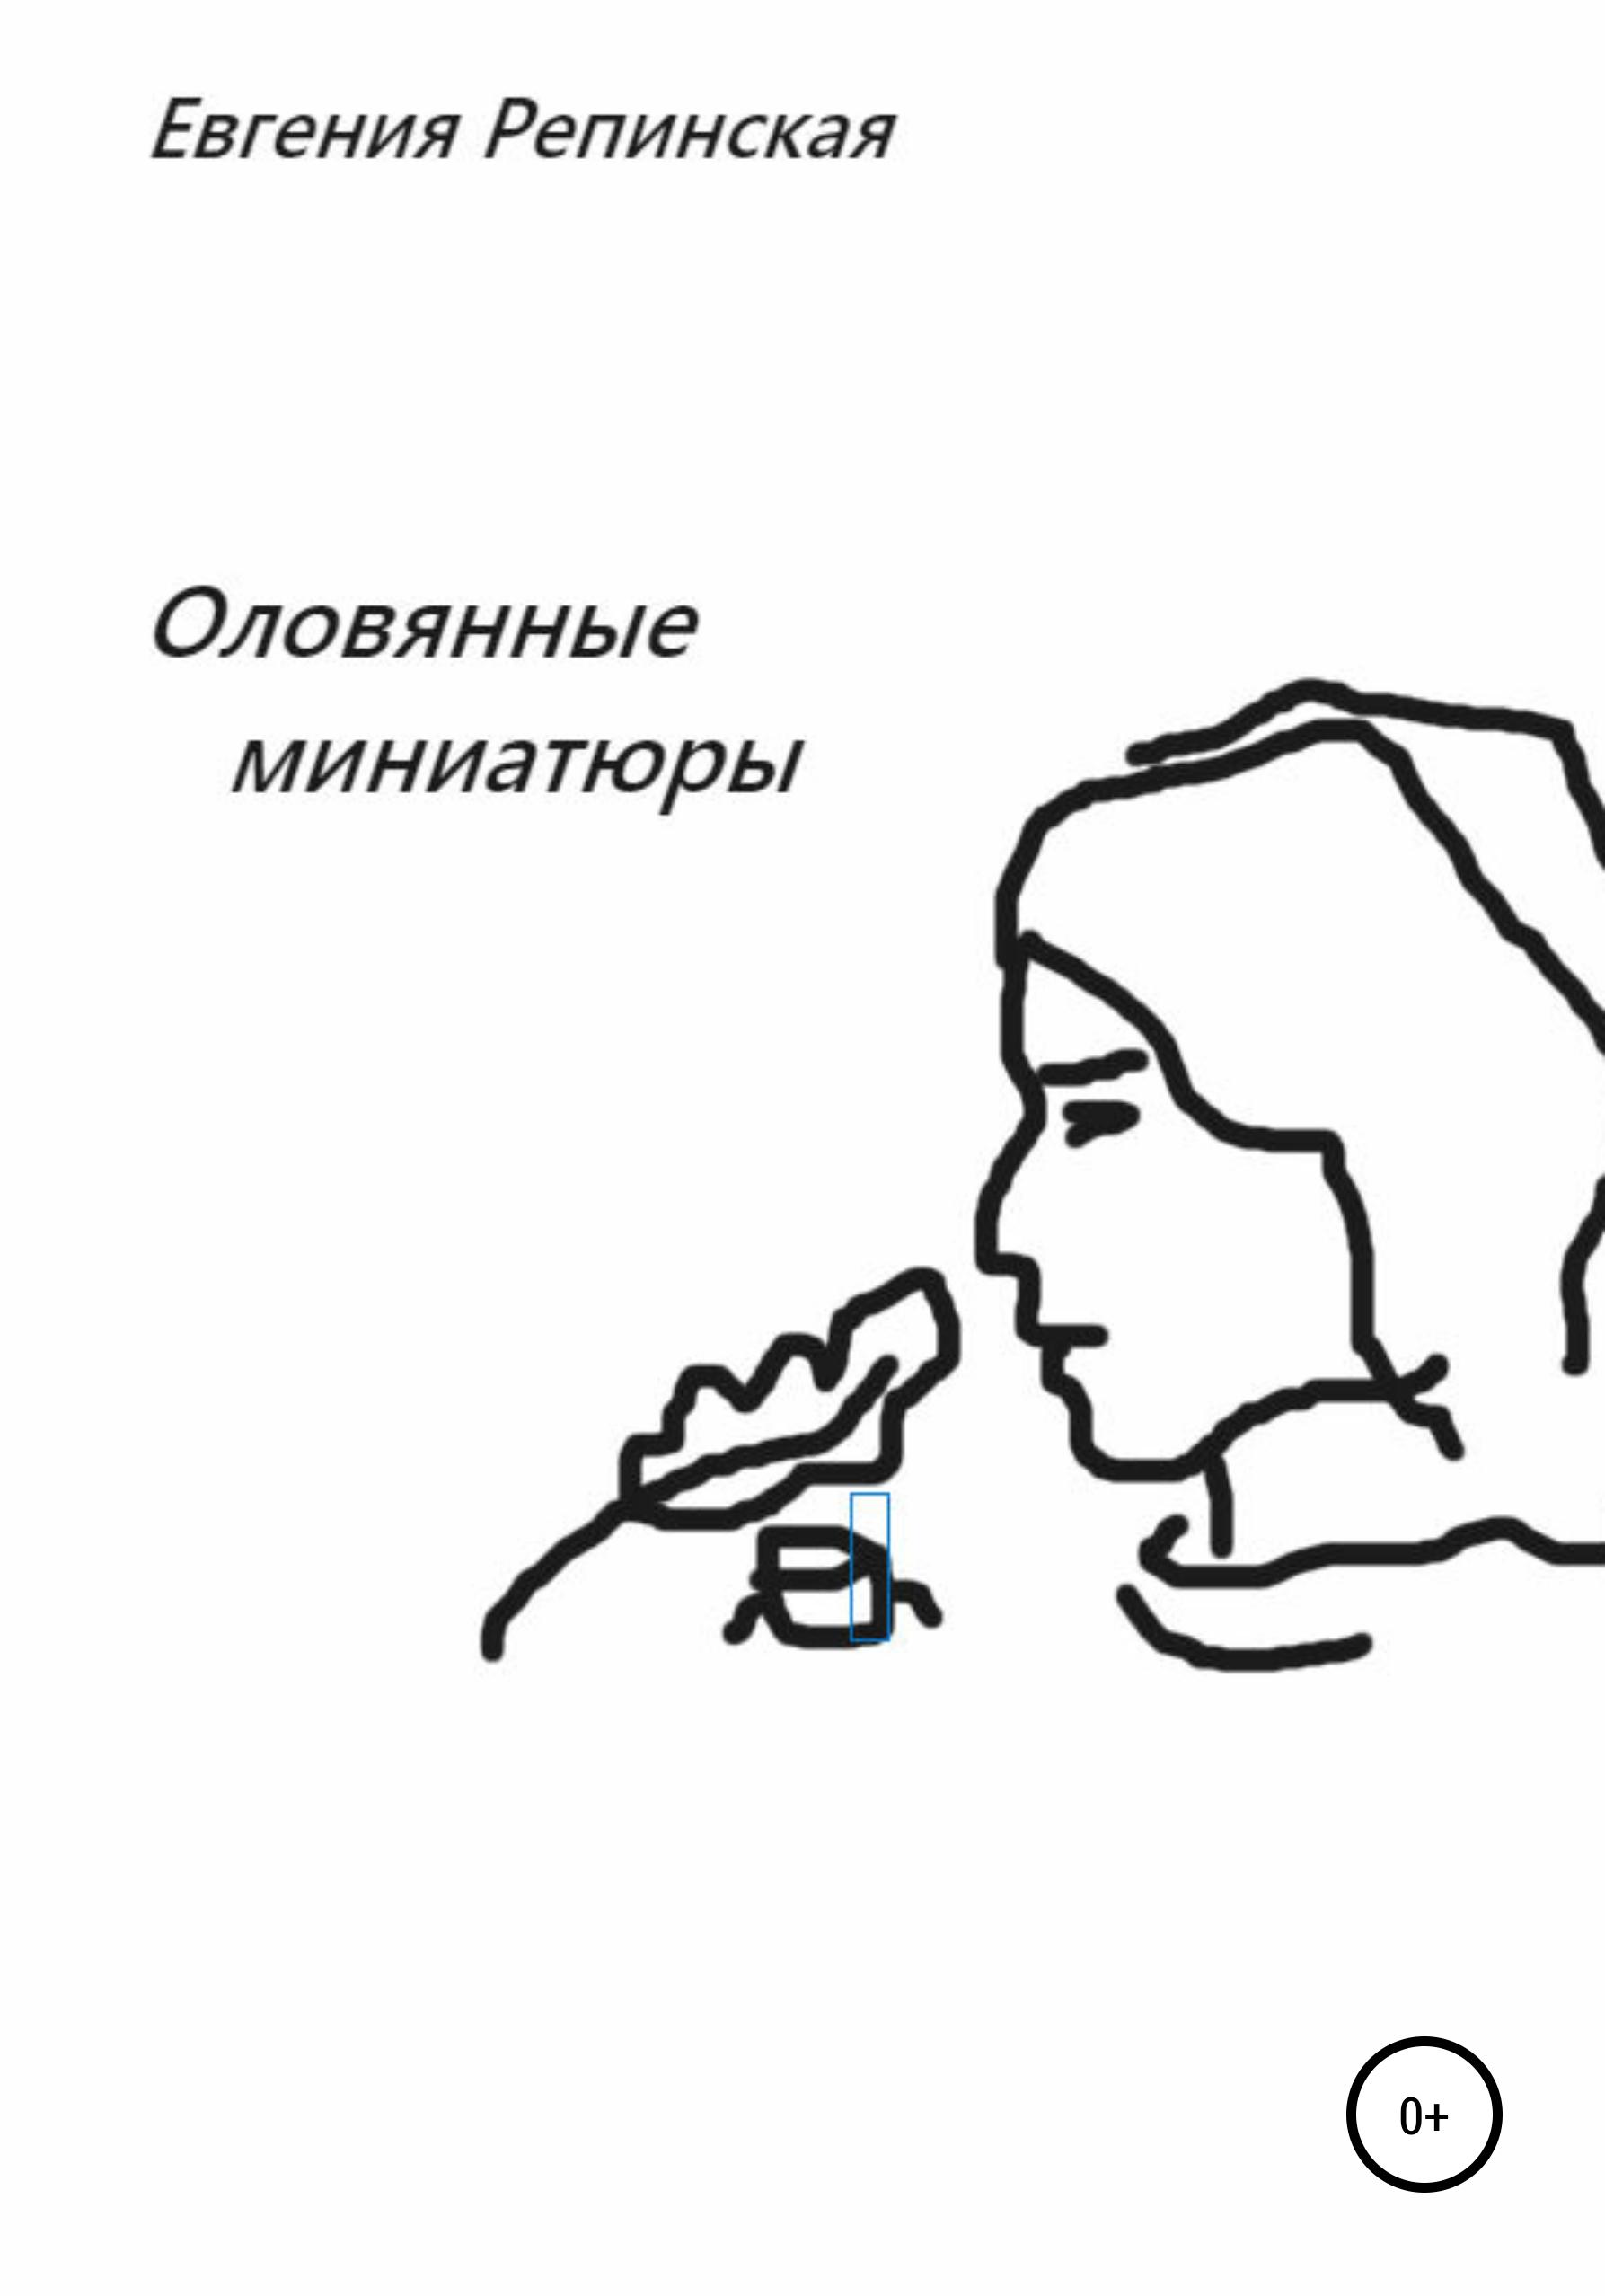 цена на Евгения Николаевна Репинская Оловянные миниатюры